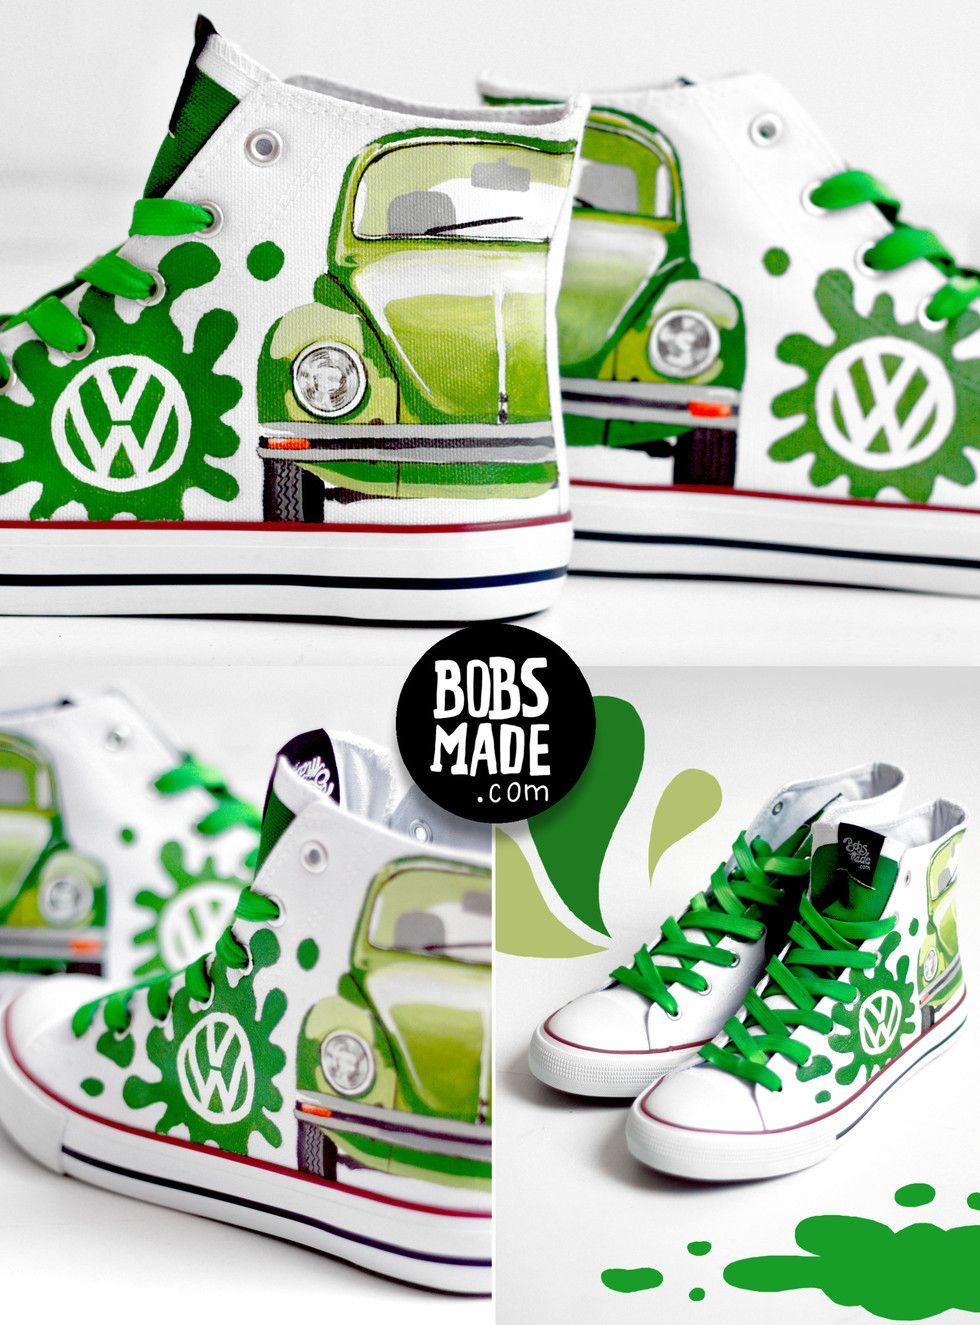 f5ccebee05 bobsmade vw shoes Käfer beetle